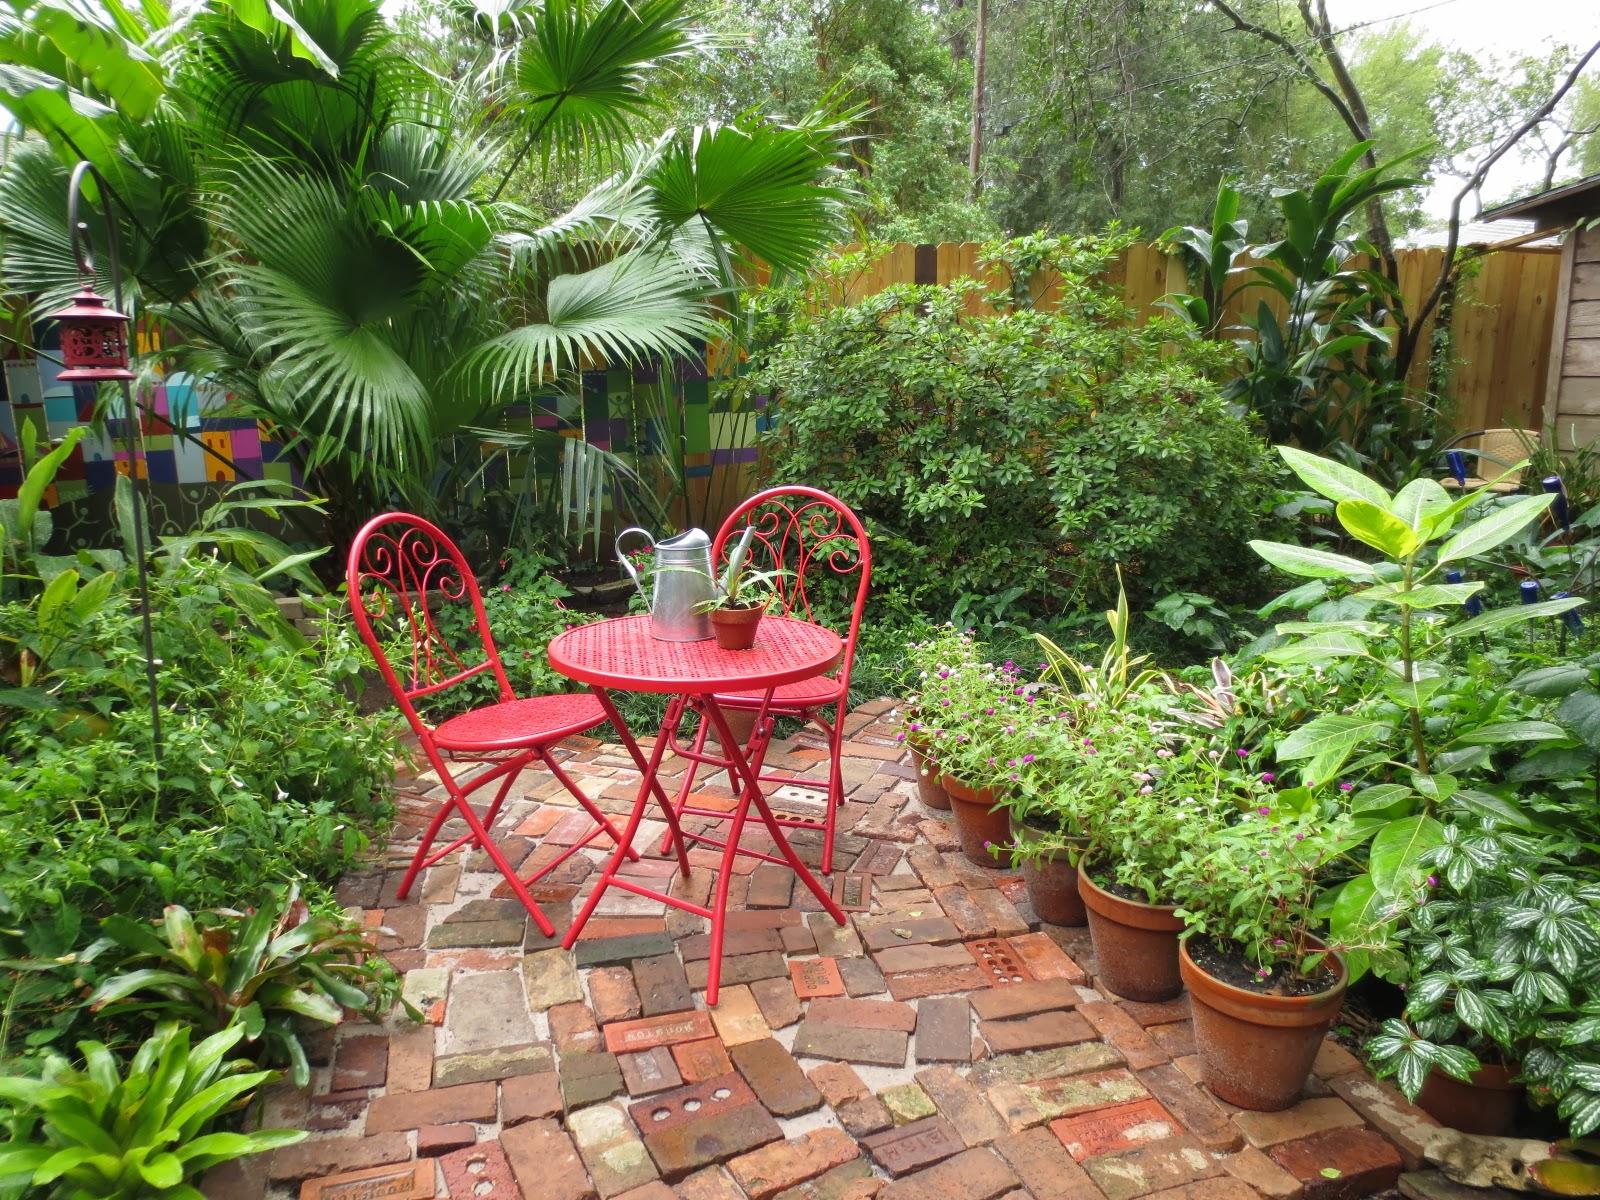 Tropical Texana Antique Brick Courtyard Comes To Life